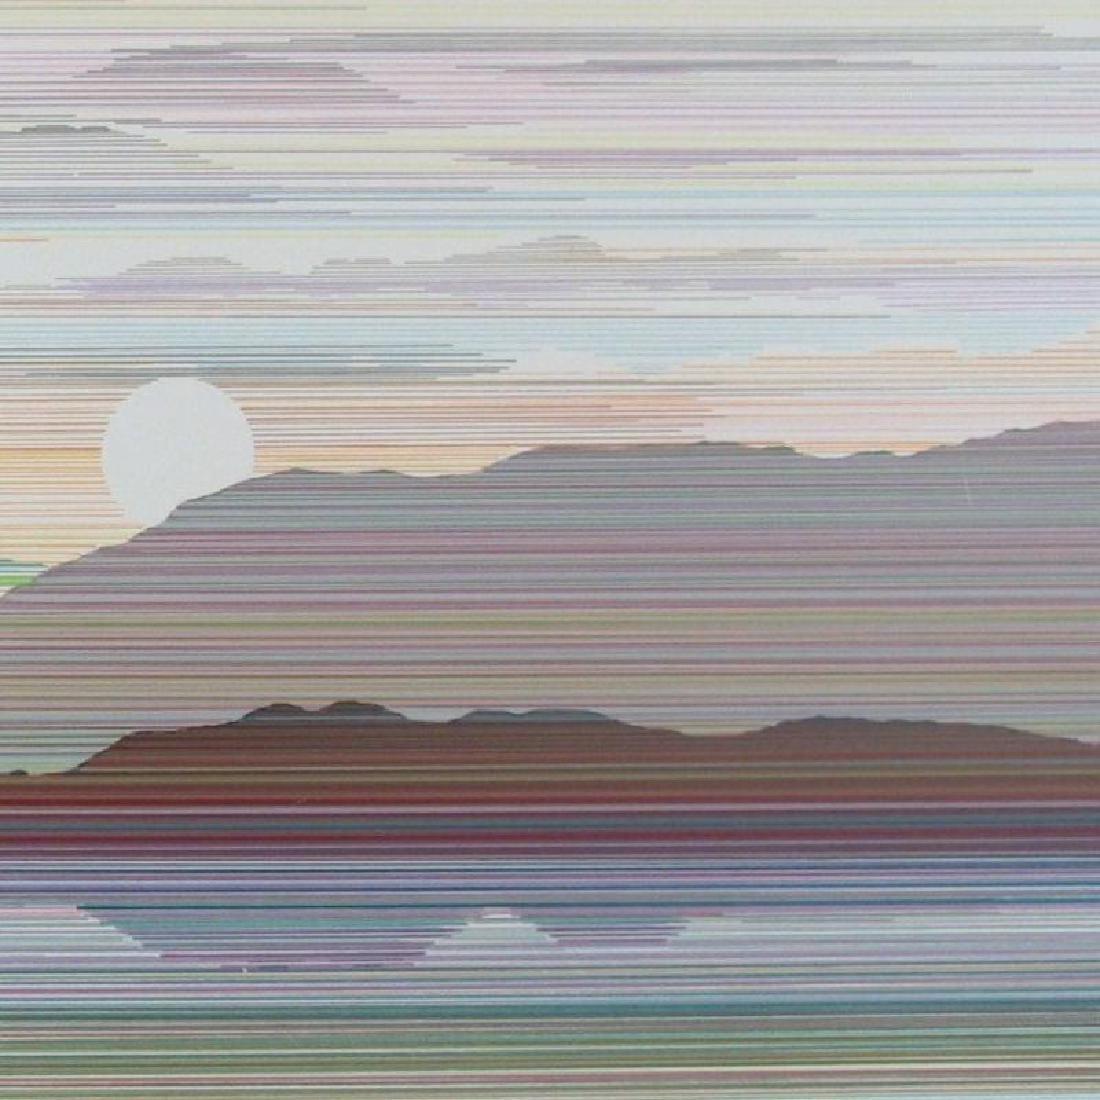 Reflection Linear Modern Abstract Art Dealer - 3